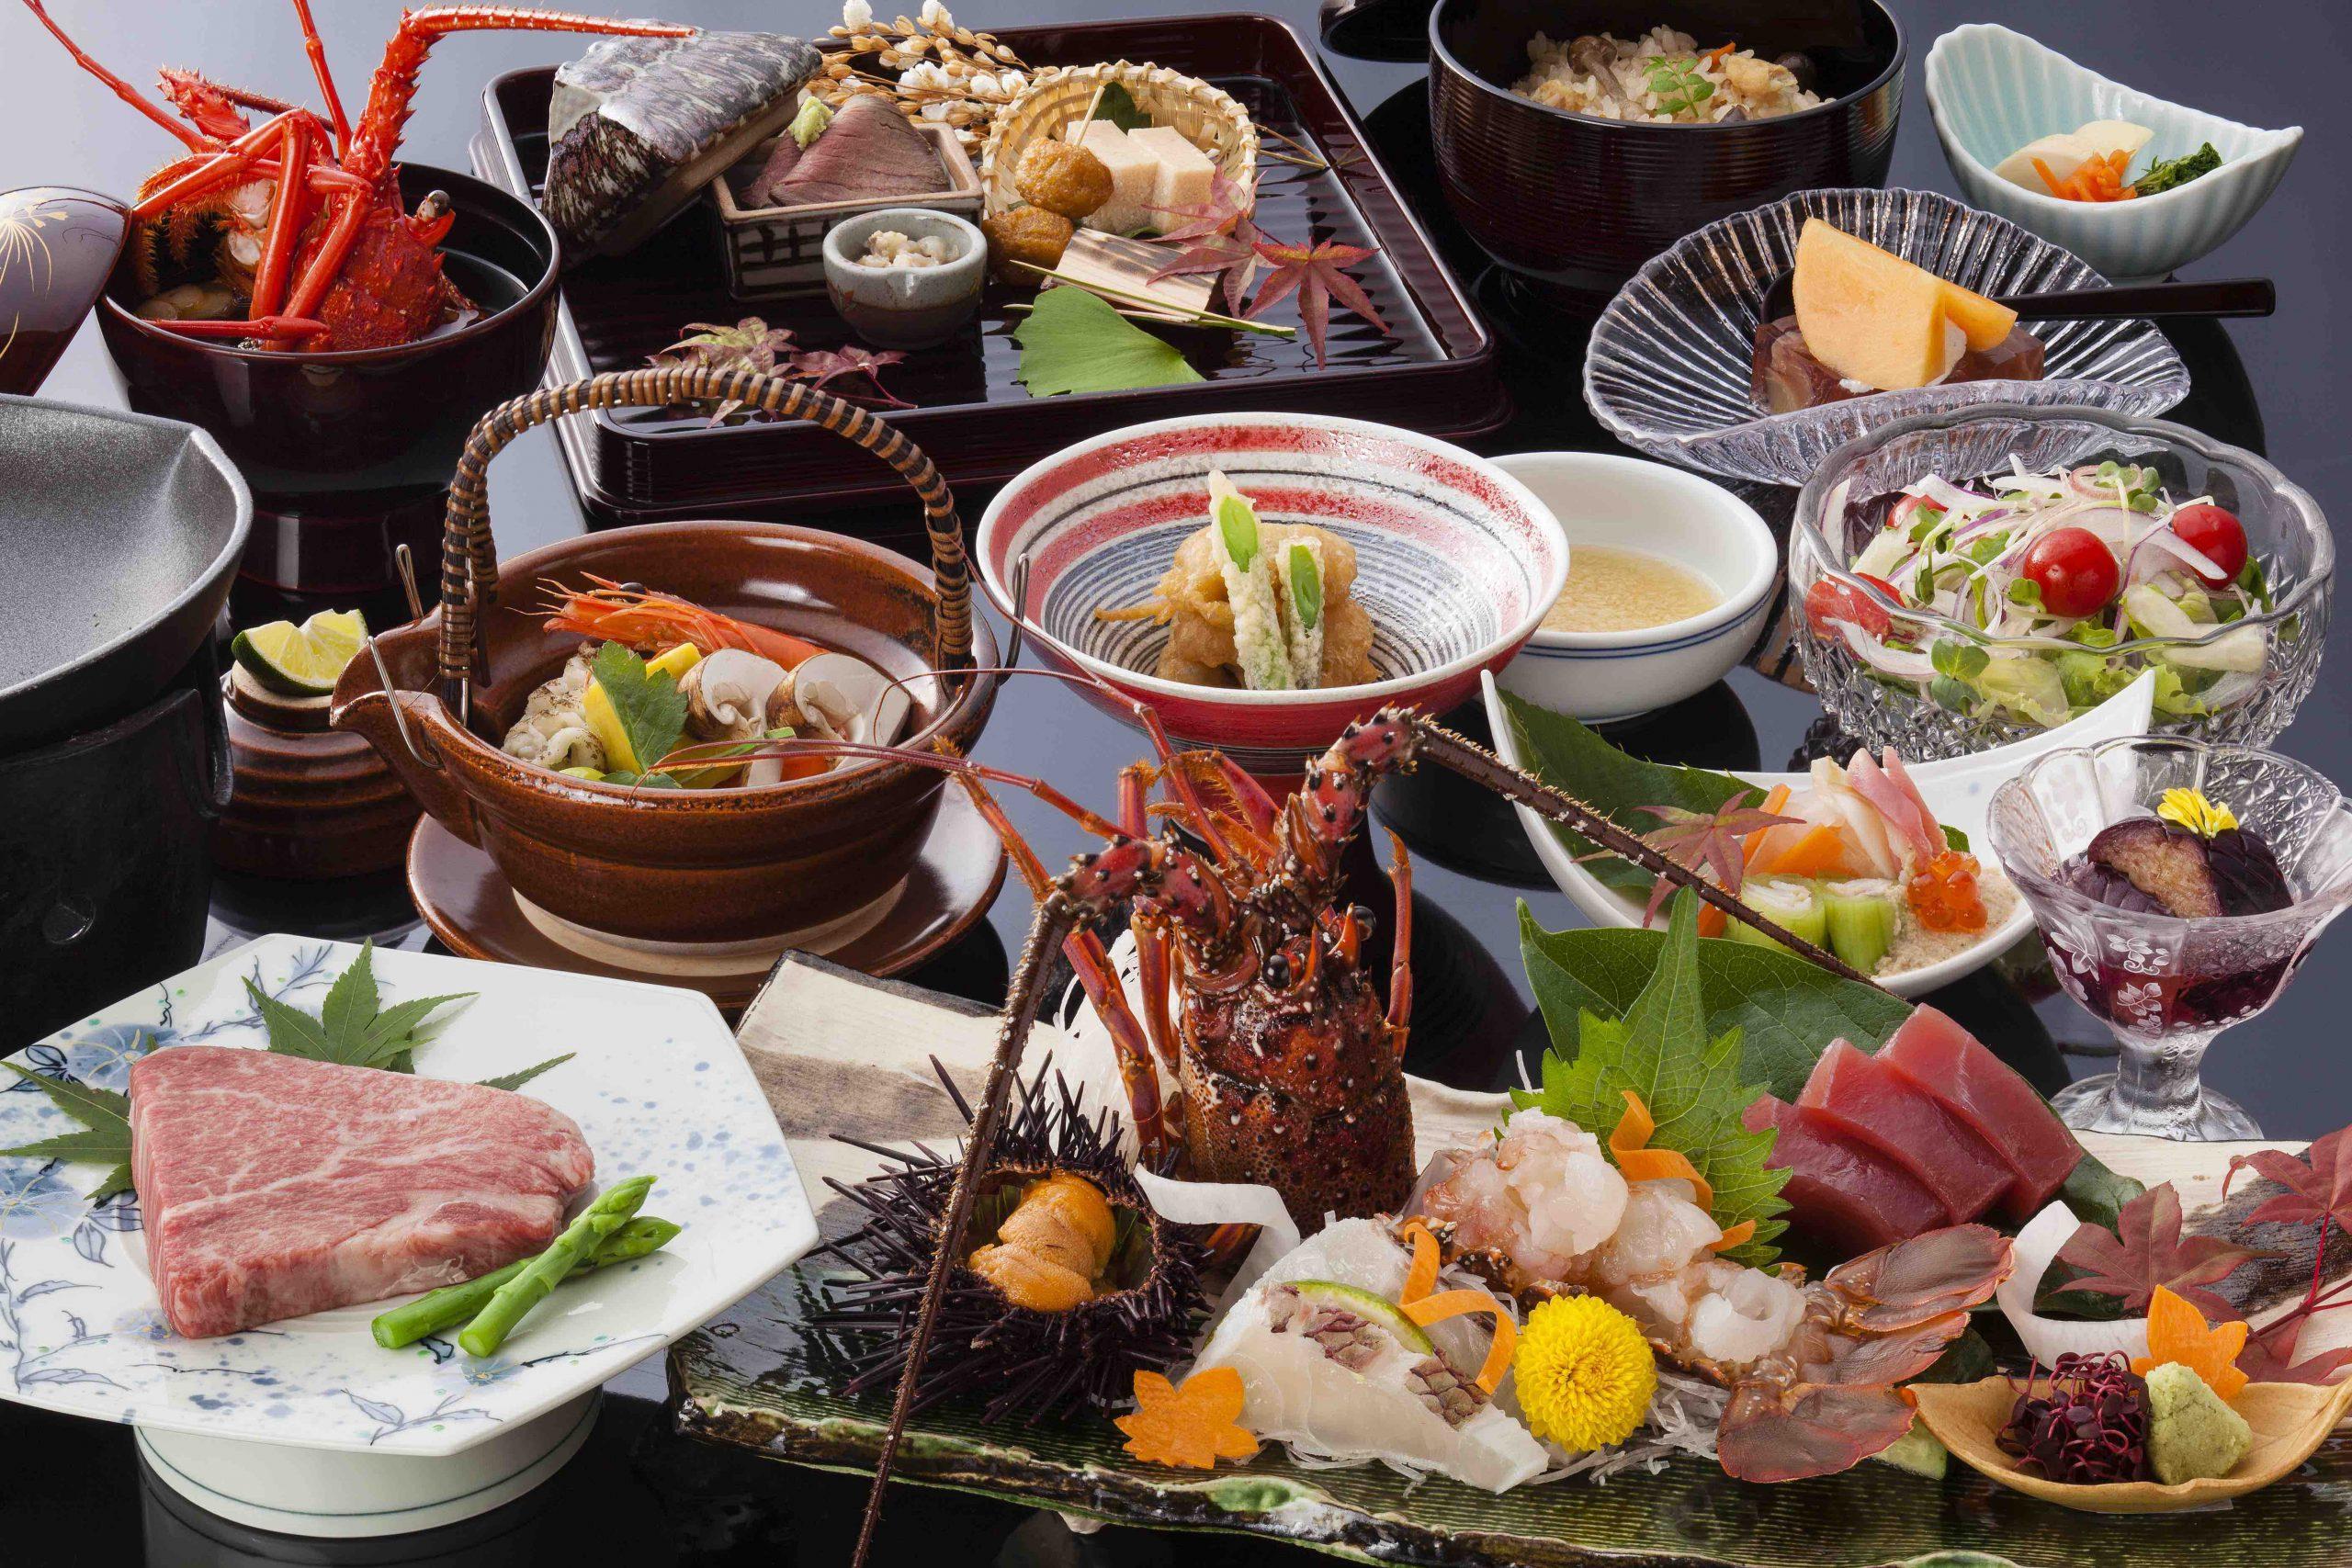 野菜や肉、魚、米など地元産にこだわった会席料理